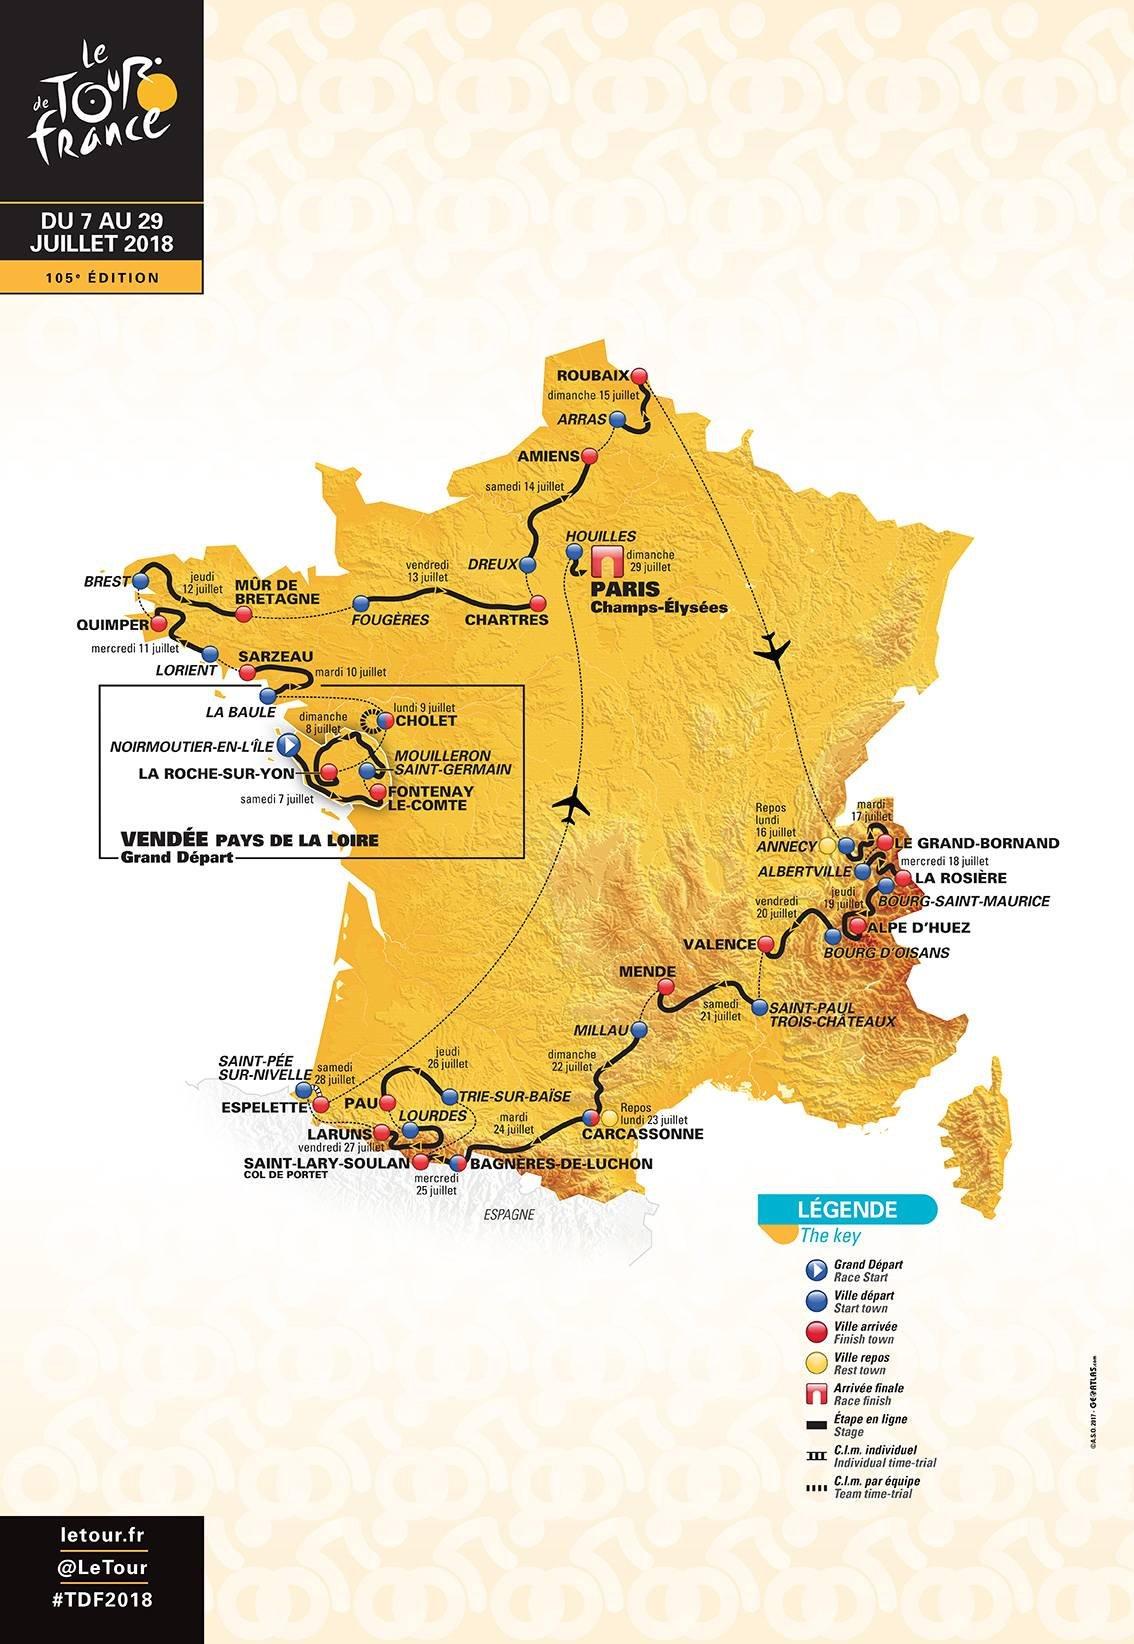 Suivez le Tour de France 2018 depuis un camping labellisé !